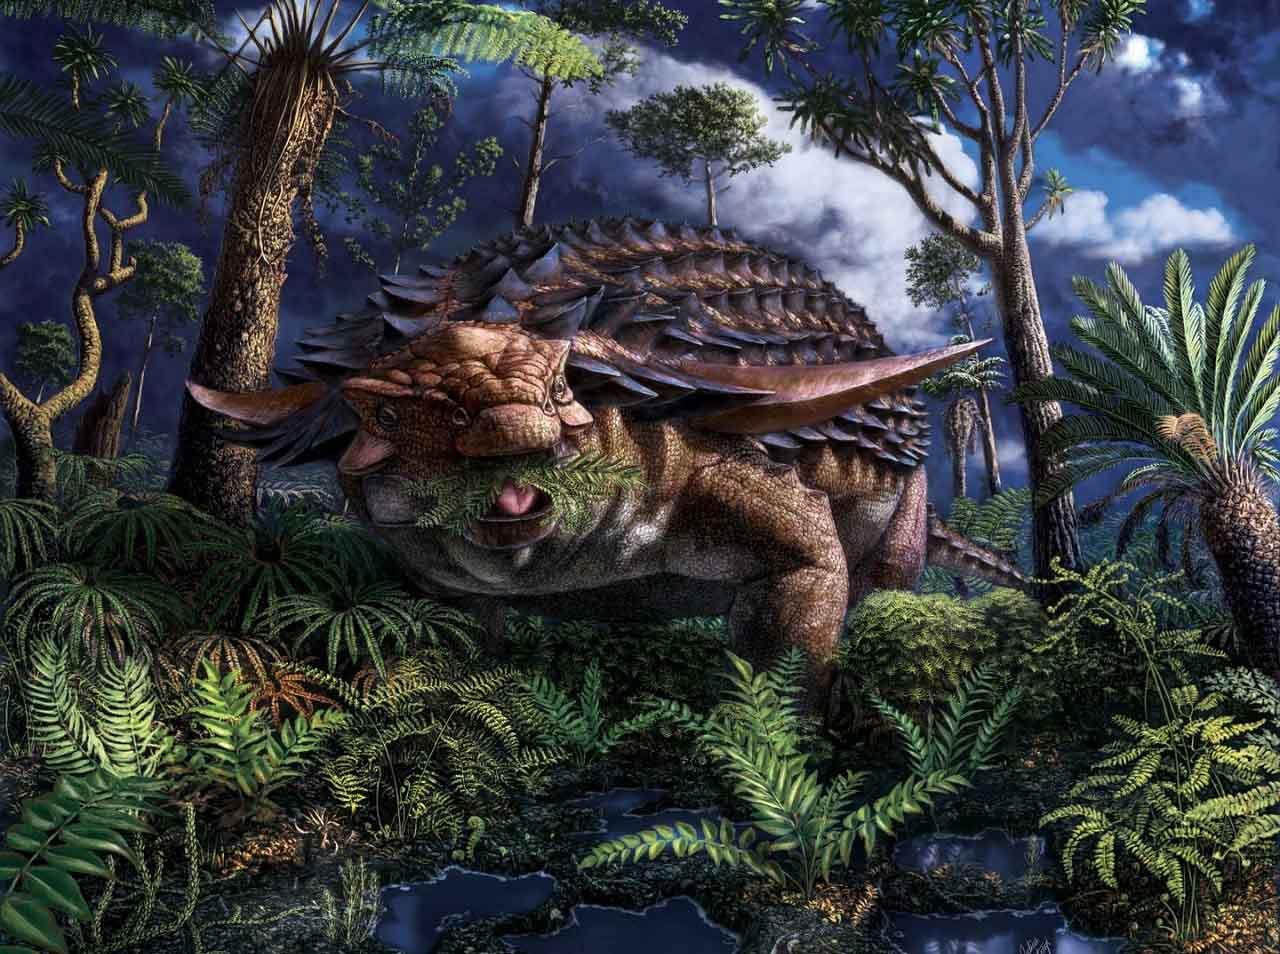 ჯავშნიანი დინოზავრის განმარხებულ კუჭში მისი უკანასკნელი საკვები 110 მლნ წლის შემდეგ აღმოაჩინეს